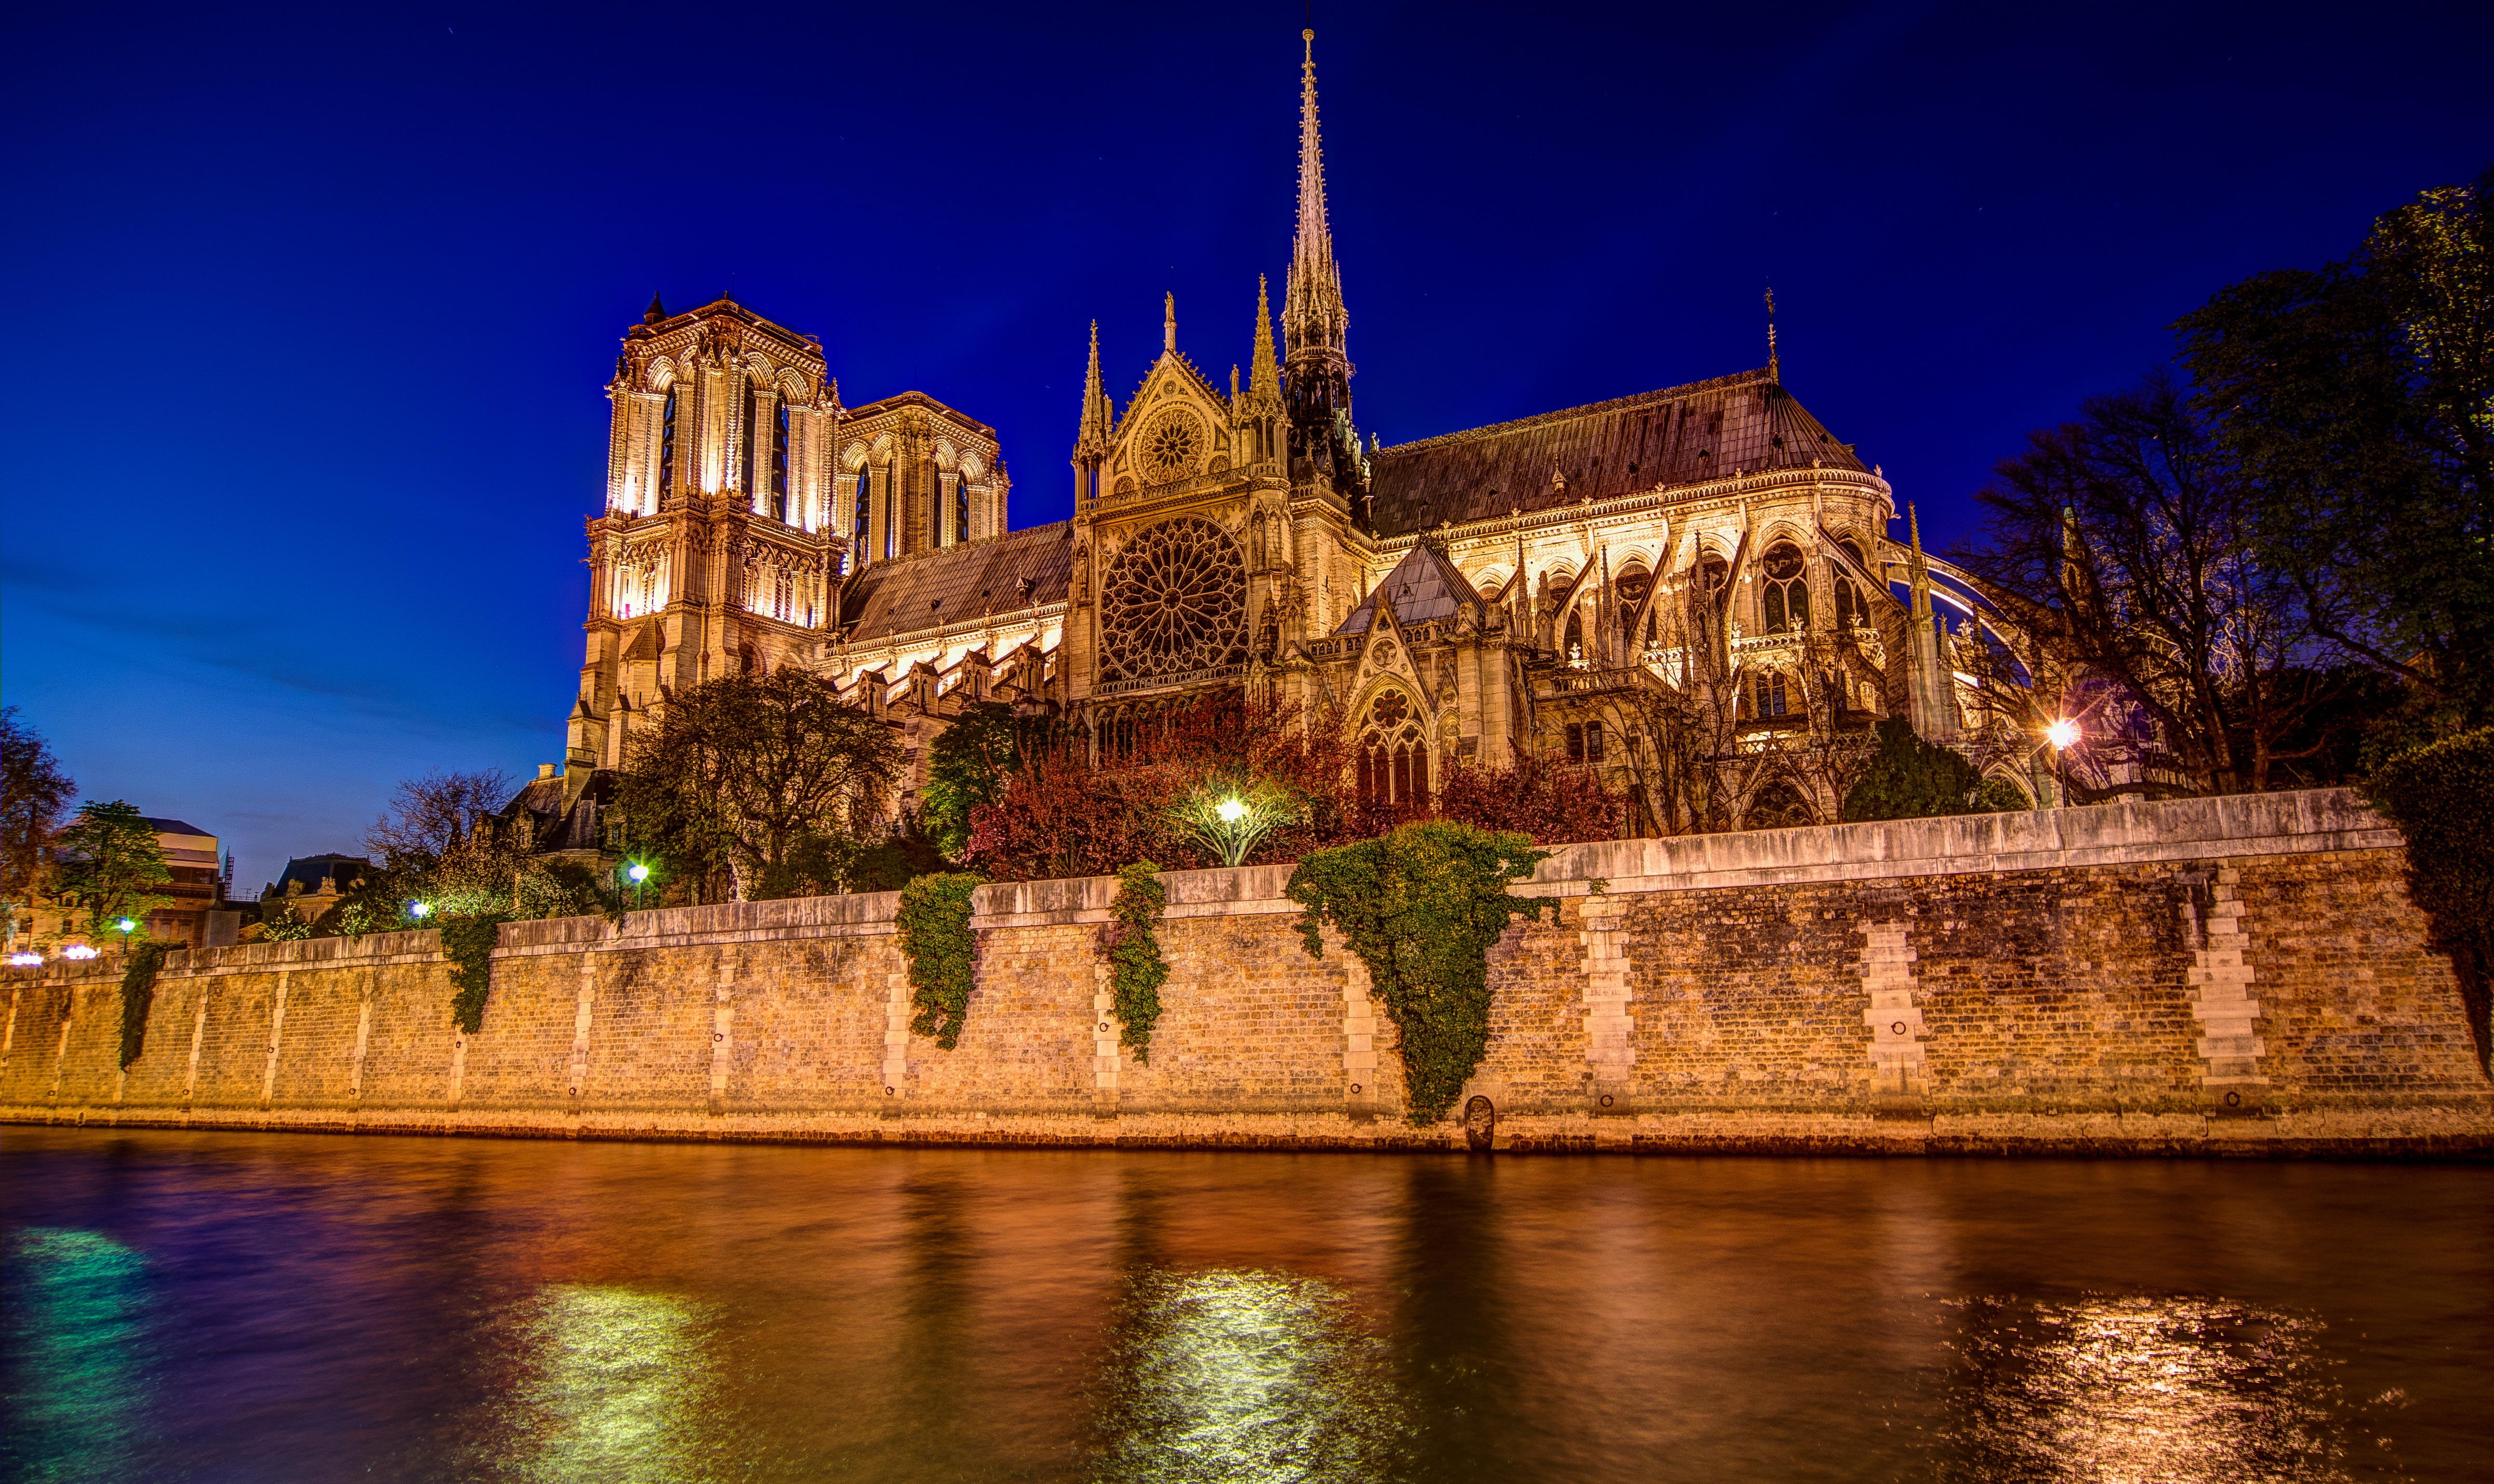 Нотр-Дам де Пари собор Париж без смс